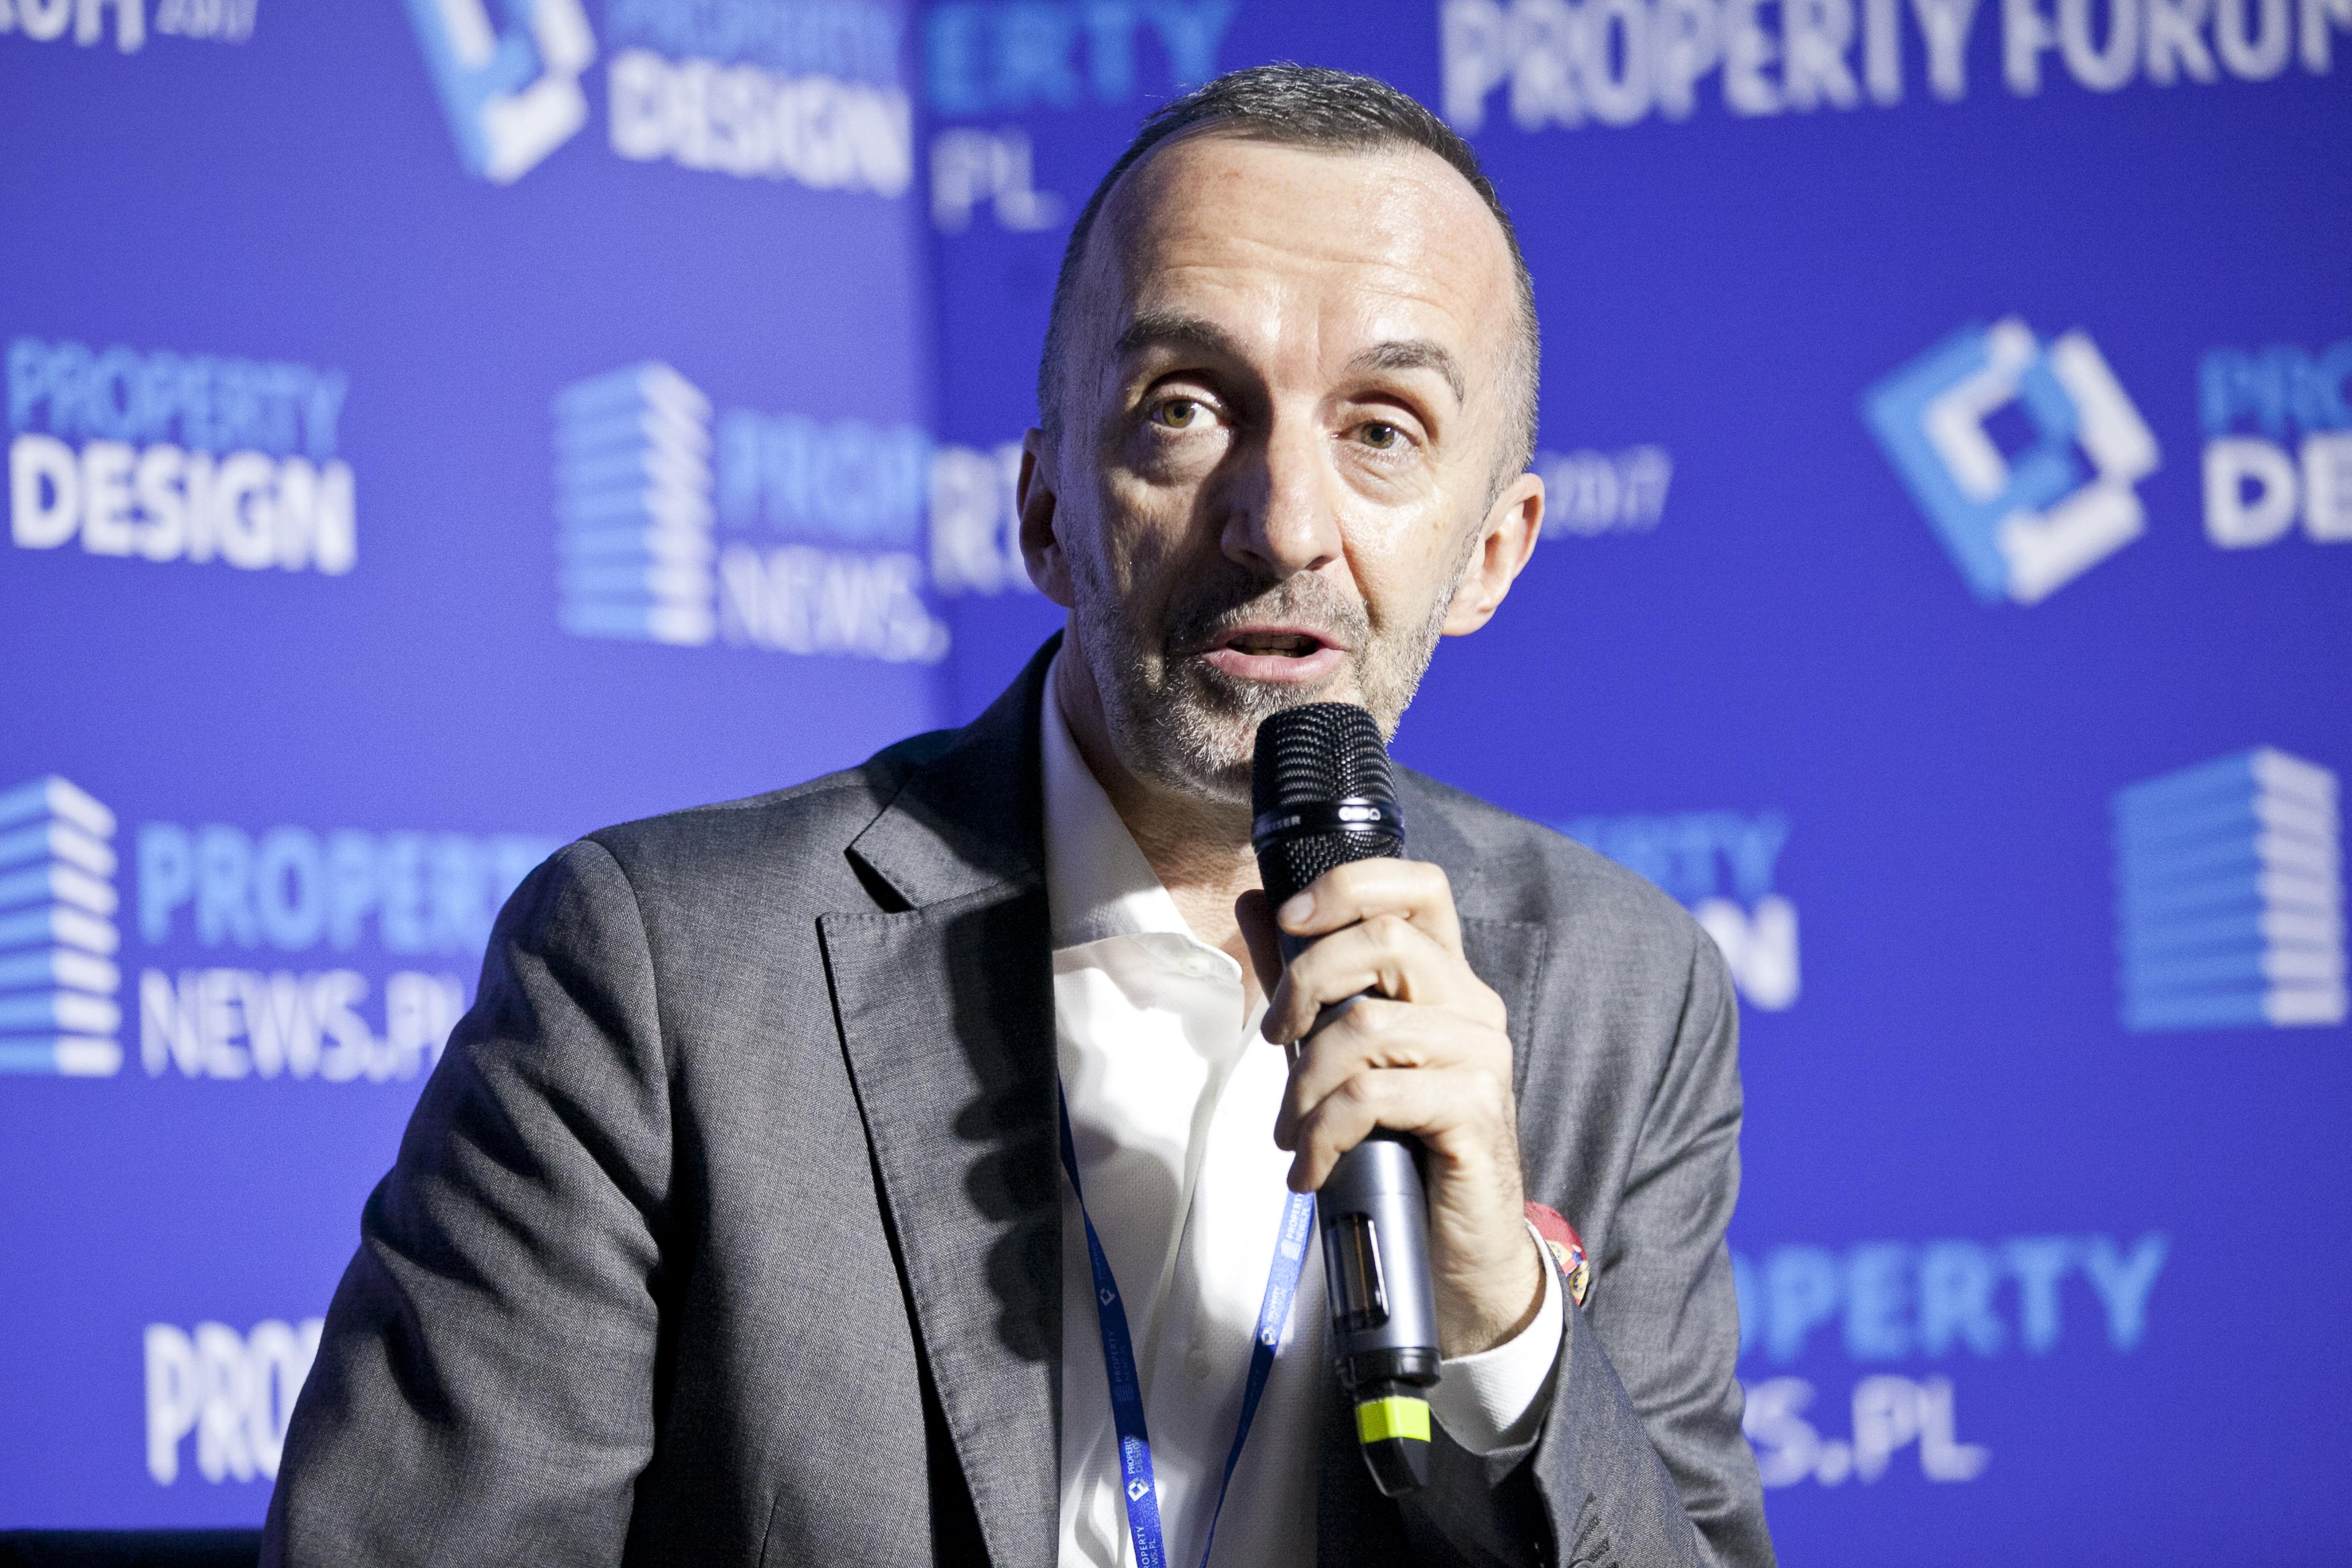 Dyrektor zarządzający w Związku Liderów Sektora Usług Biznesowych (ABSL) Paweł Panczyj uważa, że głównym atrybutem Polski jest jej rozmiar, głównie ludzki. Fot. PTWP